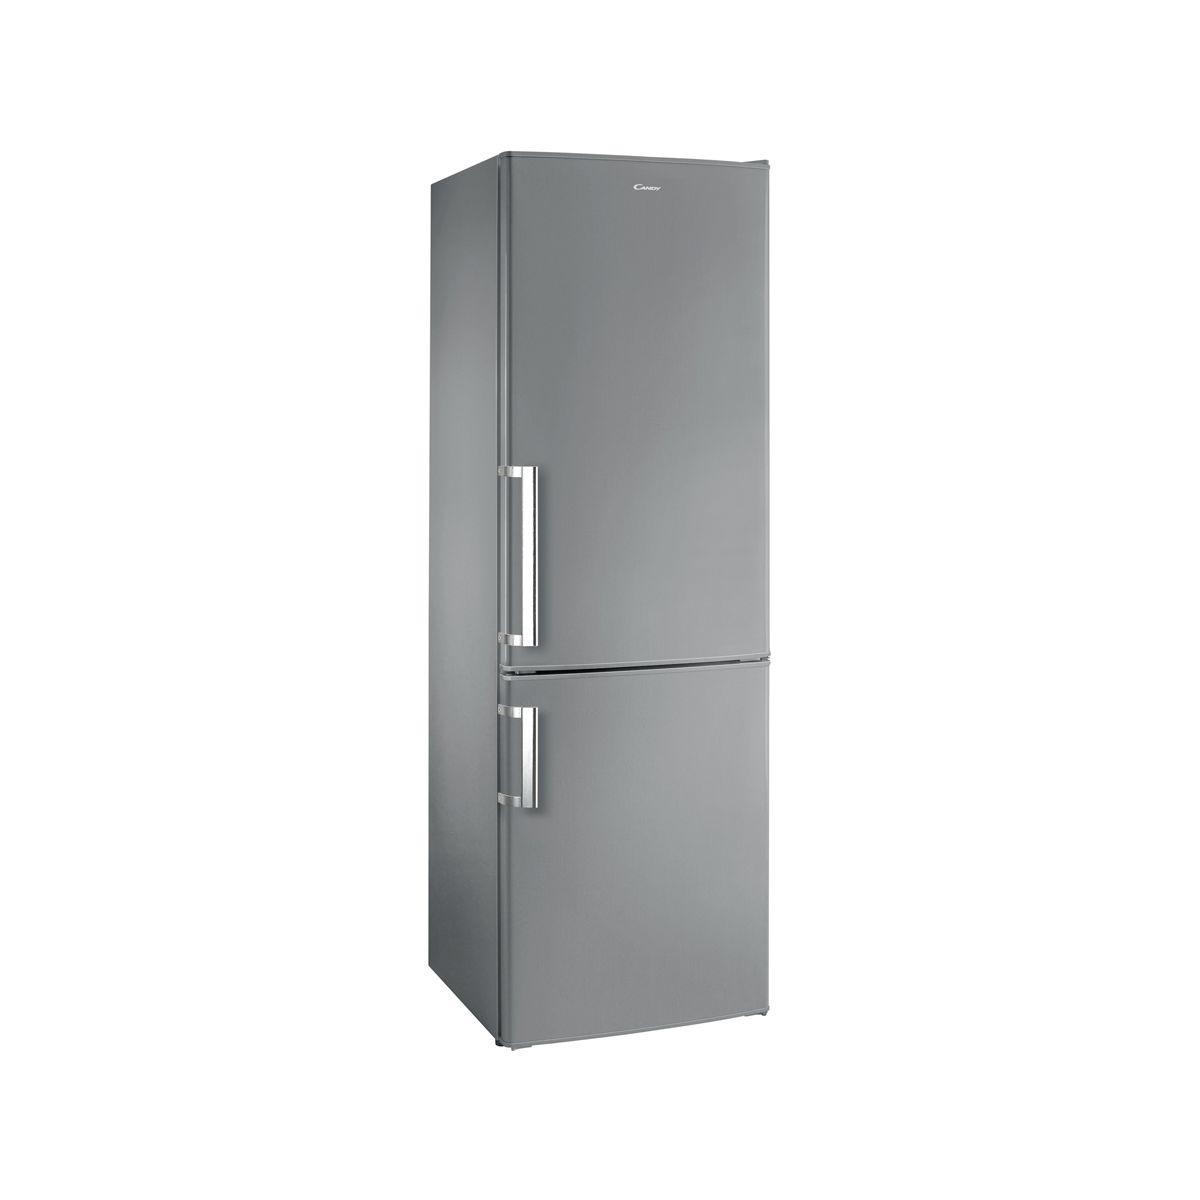 Réfrigérateur congélateur en bas candy ccbs5172xh - notre selection (photo)